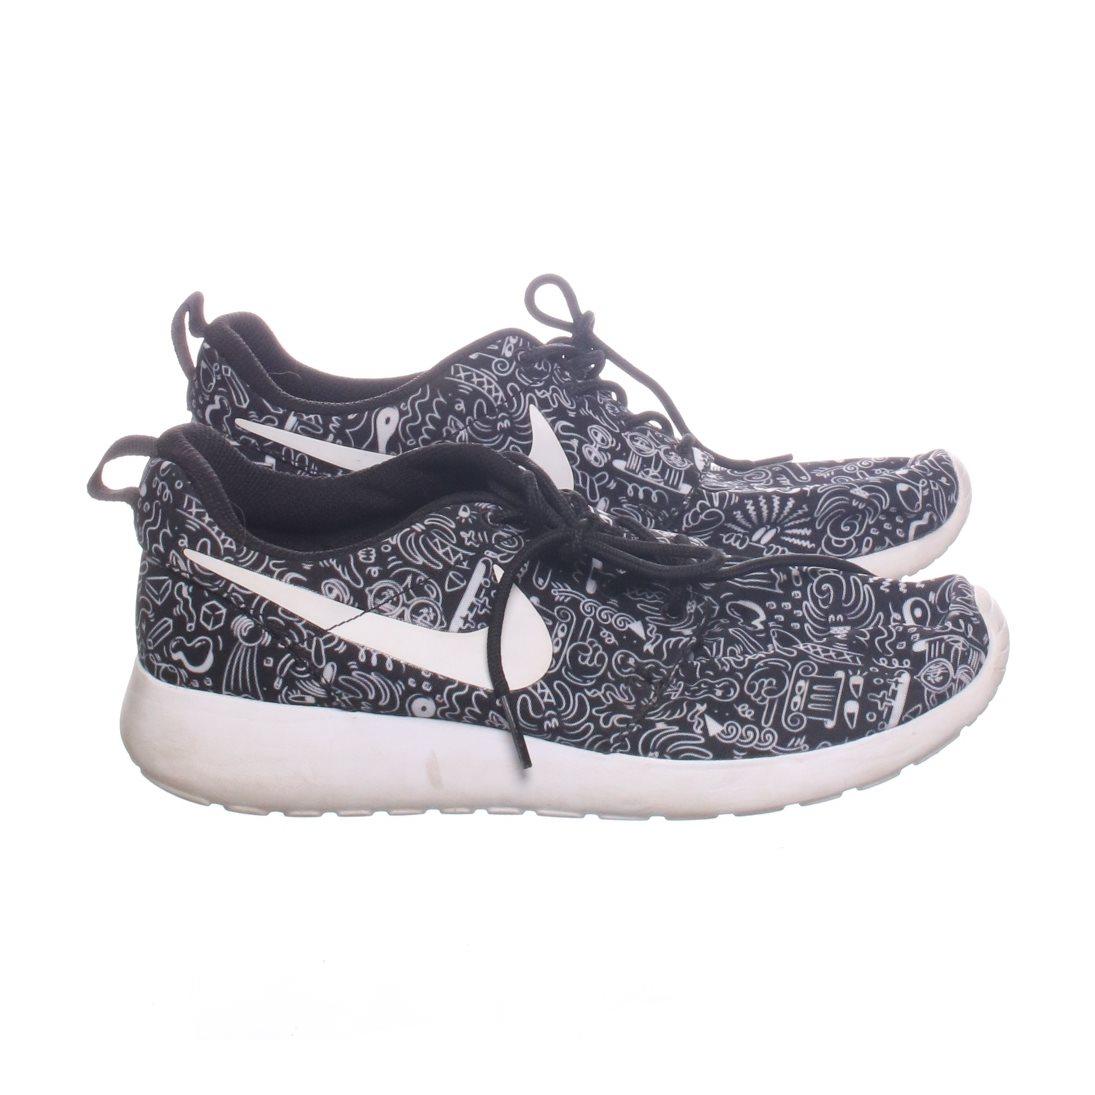 1b0d45a99a31 Nike, Träningsskor, Strl: 38, Roshe One P.. (334076730) ᐈ Sellpy på ...